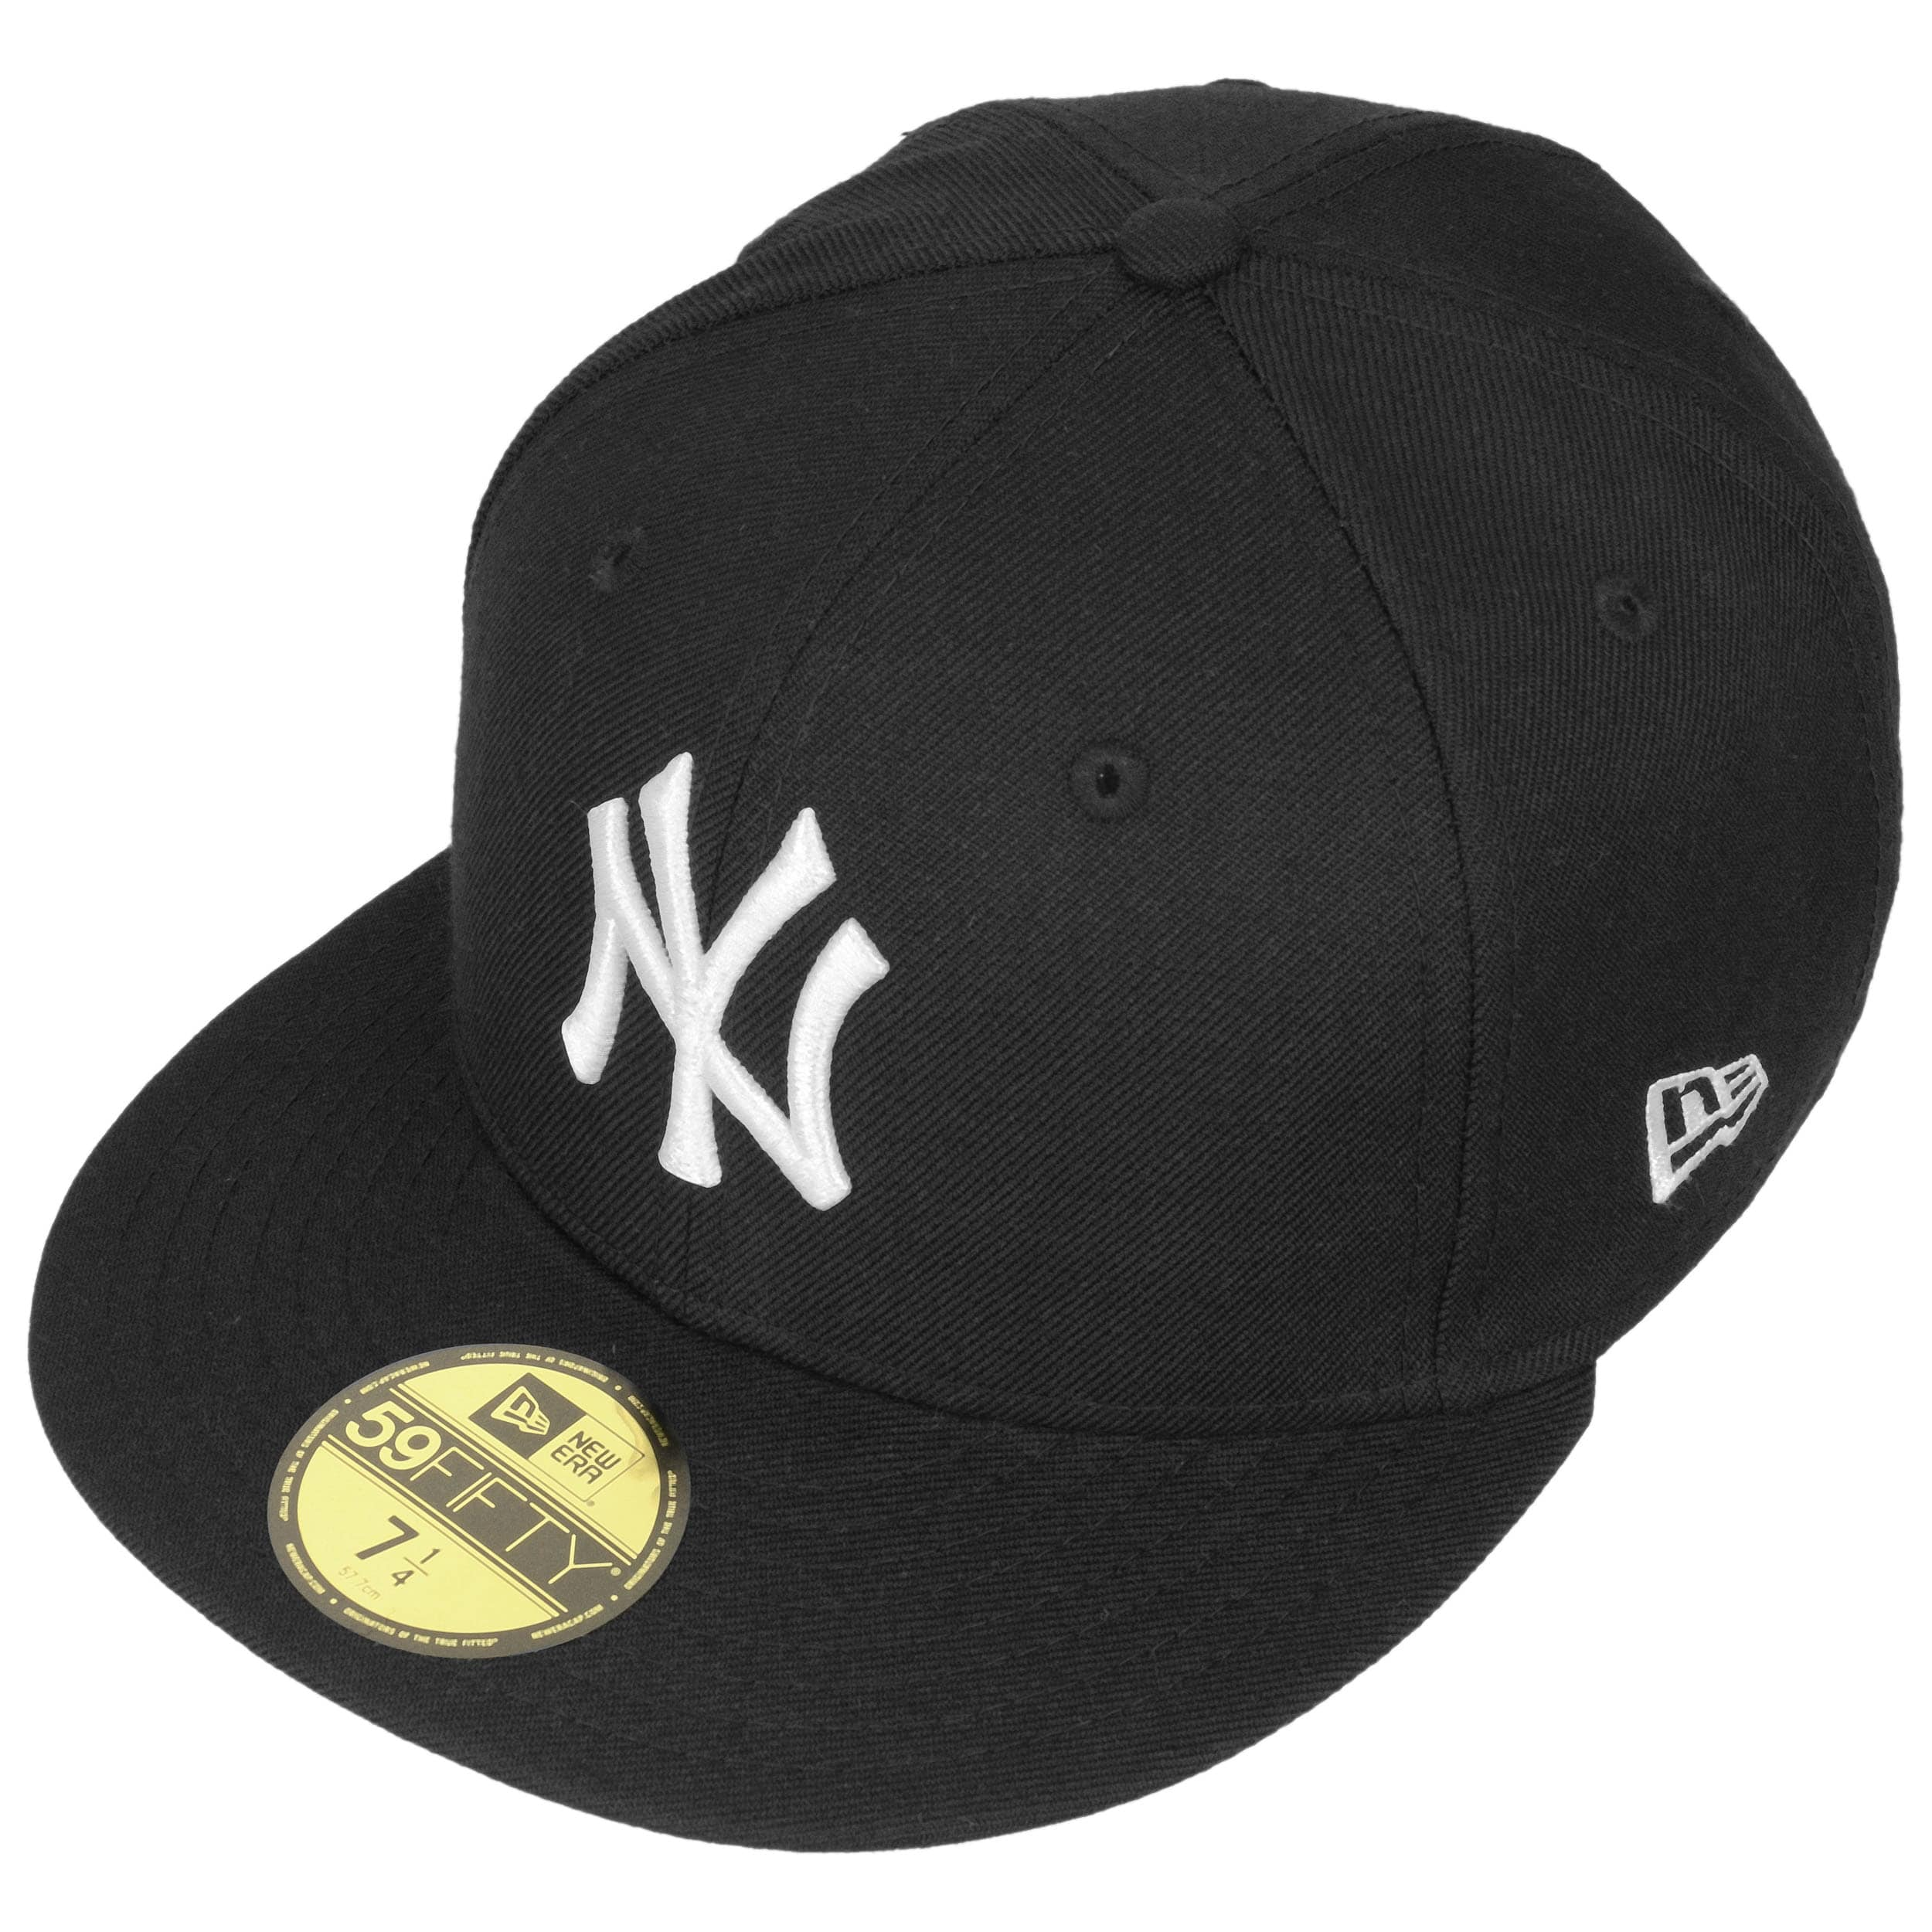 ... 59Fifty MLB Basic NY Cap by New Era - giallo 1 ... d28de77d2494